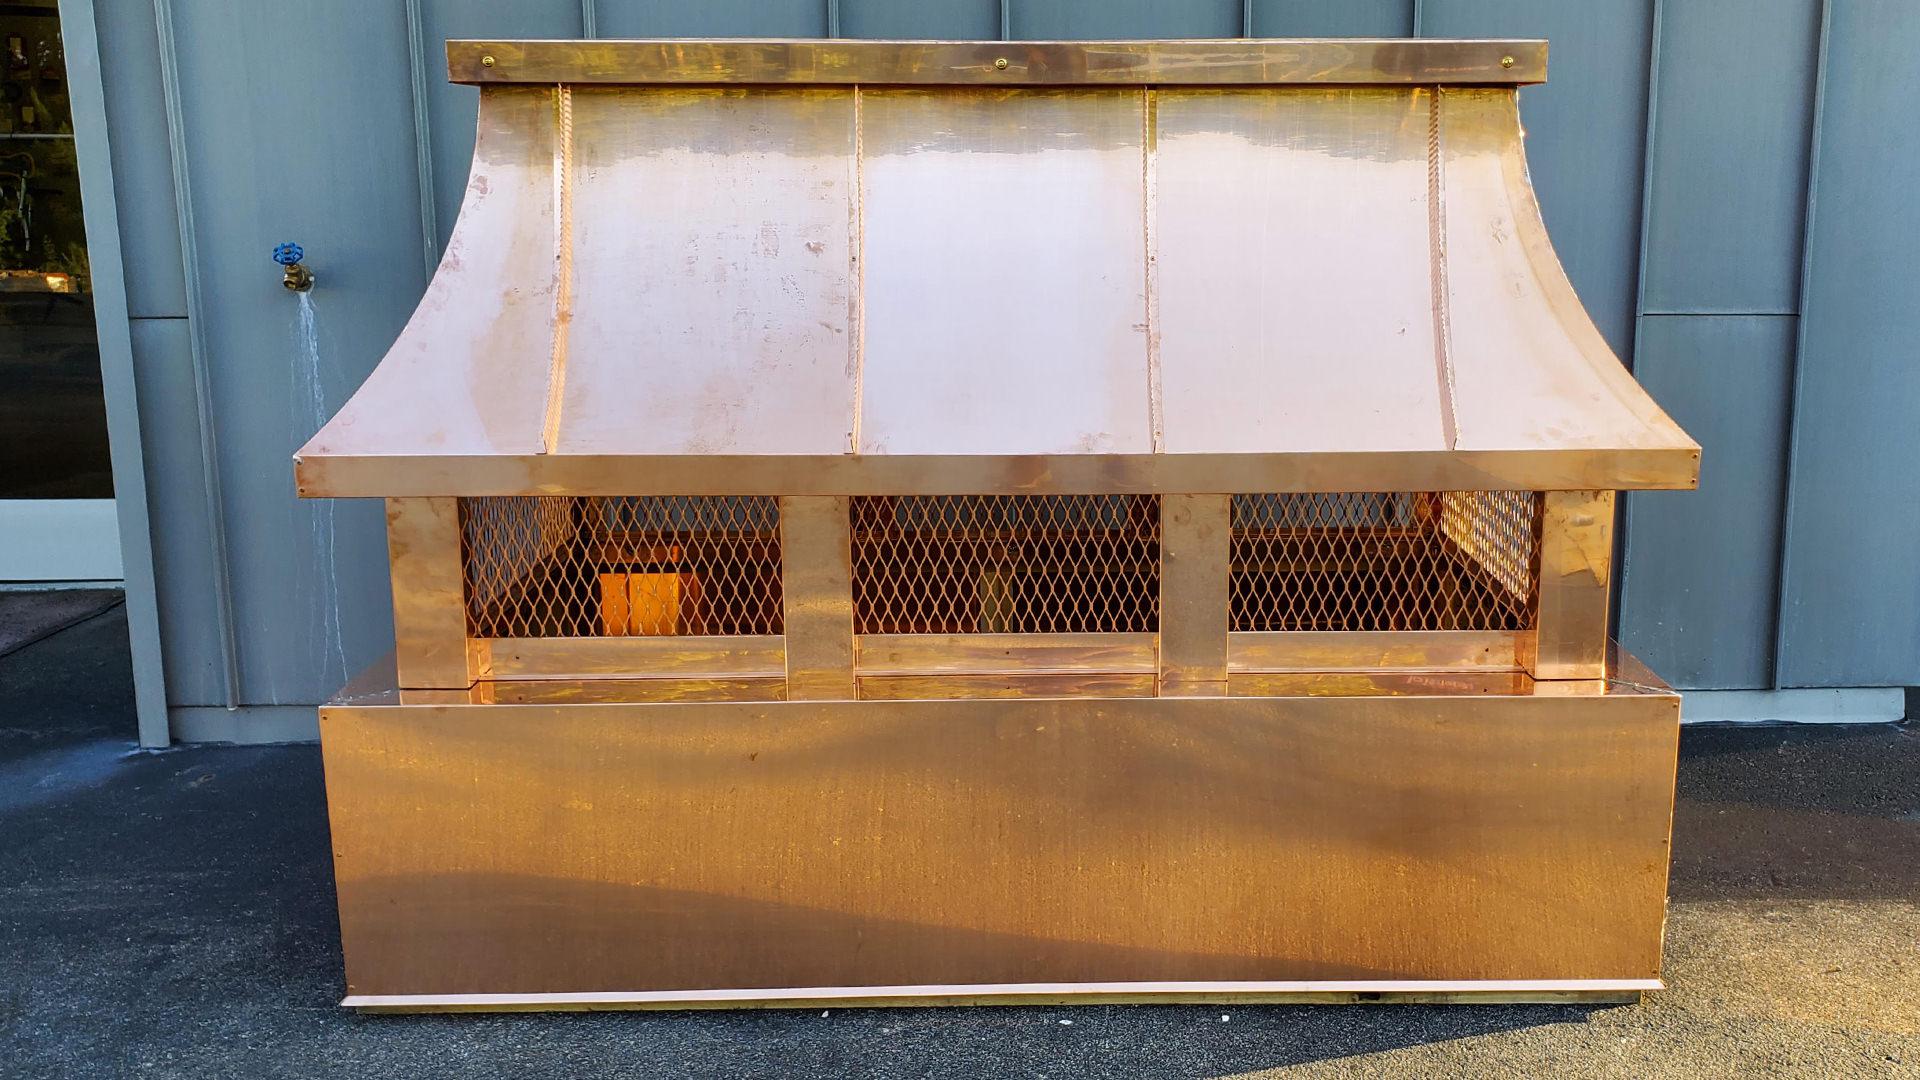 CC101 - Radius copper roof standing seam multi flue chimney cap